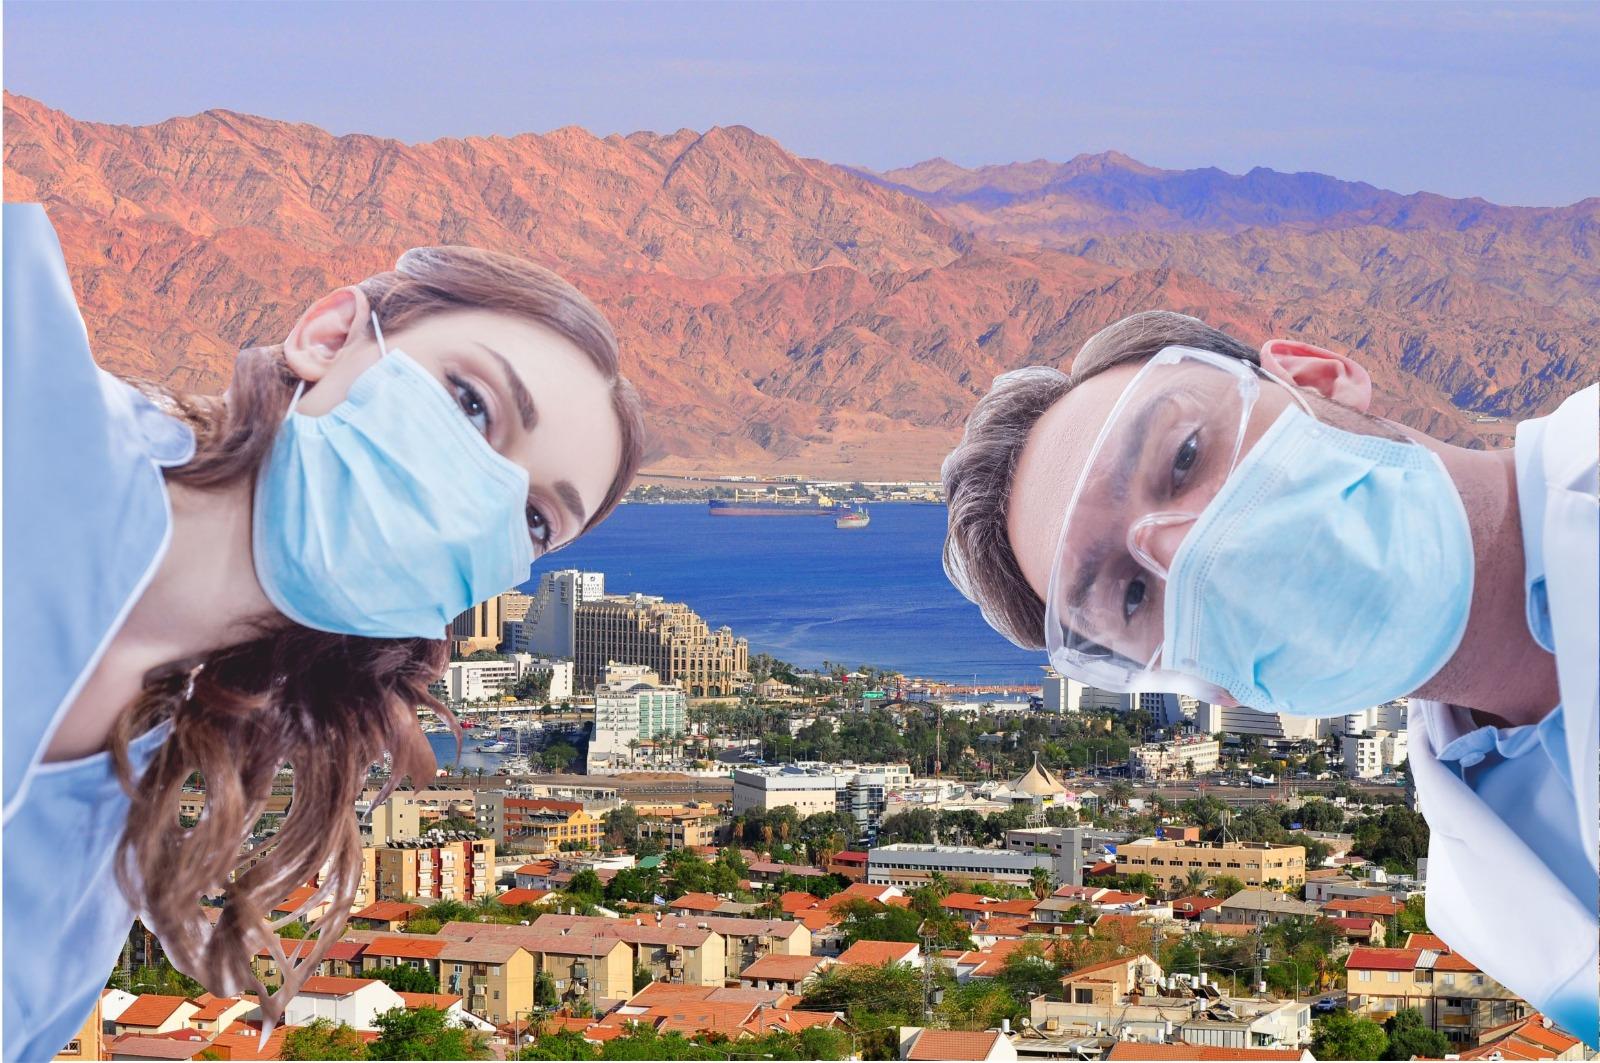 נתוני משרד הבריאות קובעים: אילת עם רמת התחלואה הנמוכה בישראל